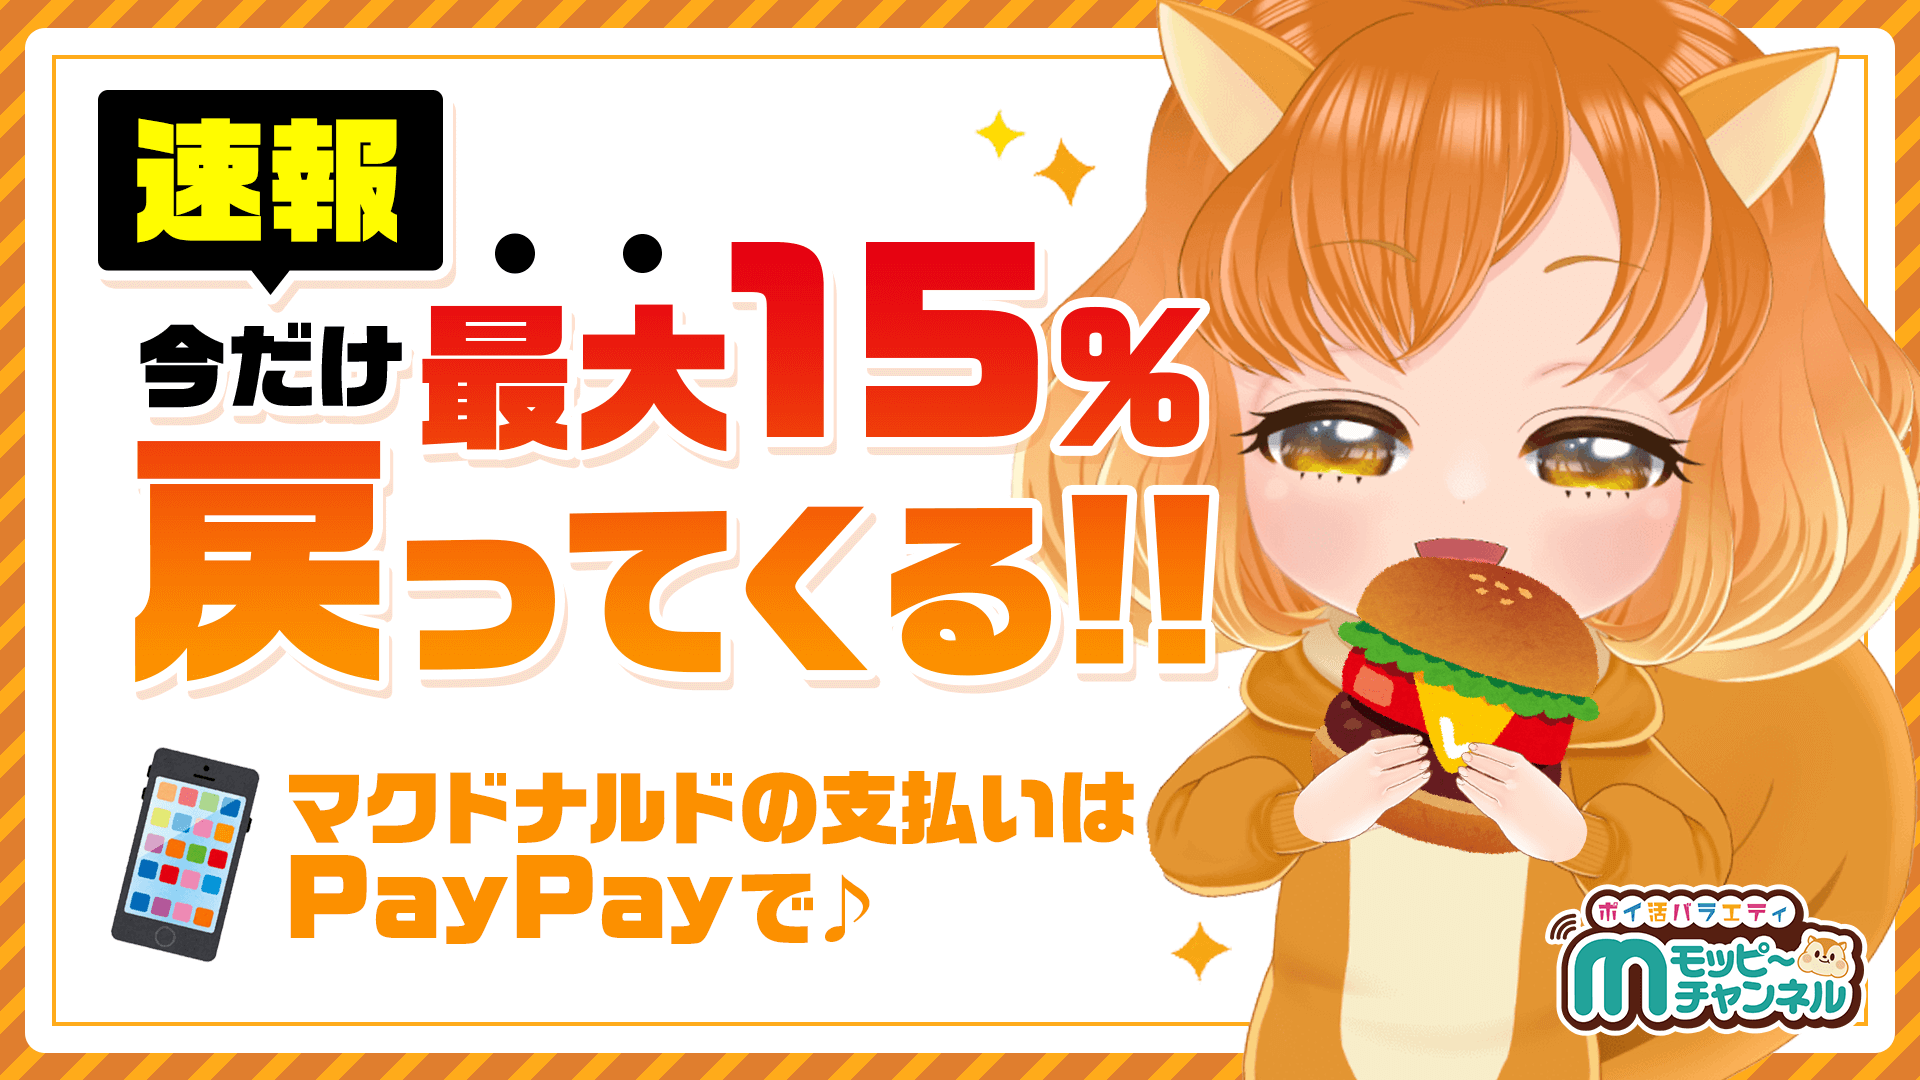 【ぽいかのポイ活情報!!】マクドナルドの決済はPayPayで決まり!!最大15%還元のチャンス★